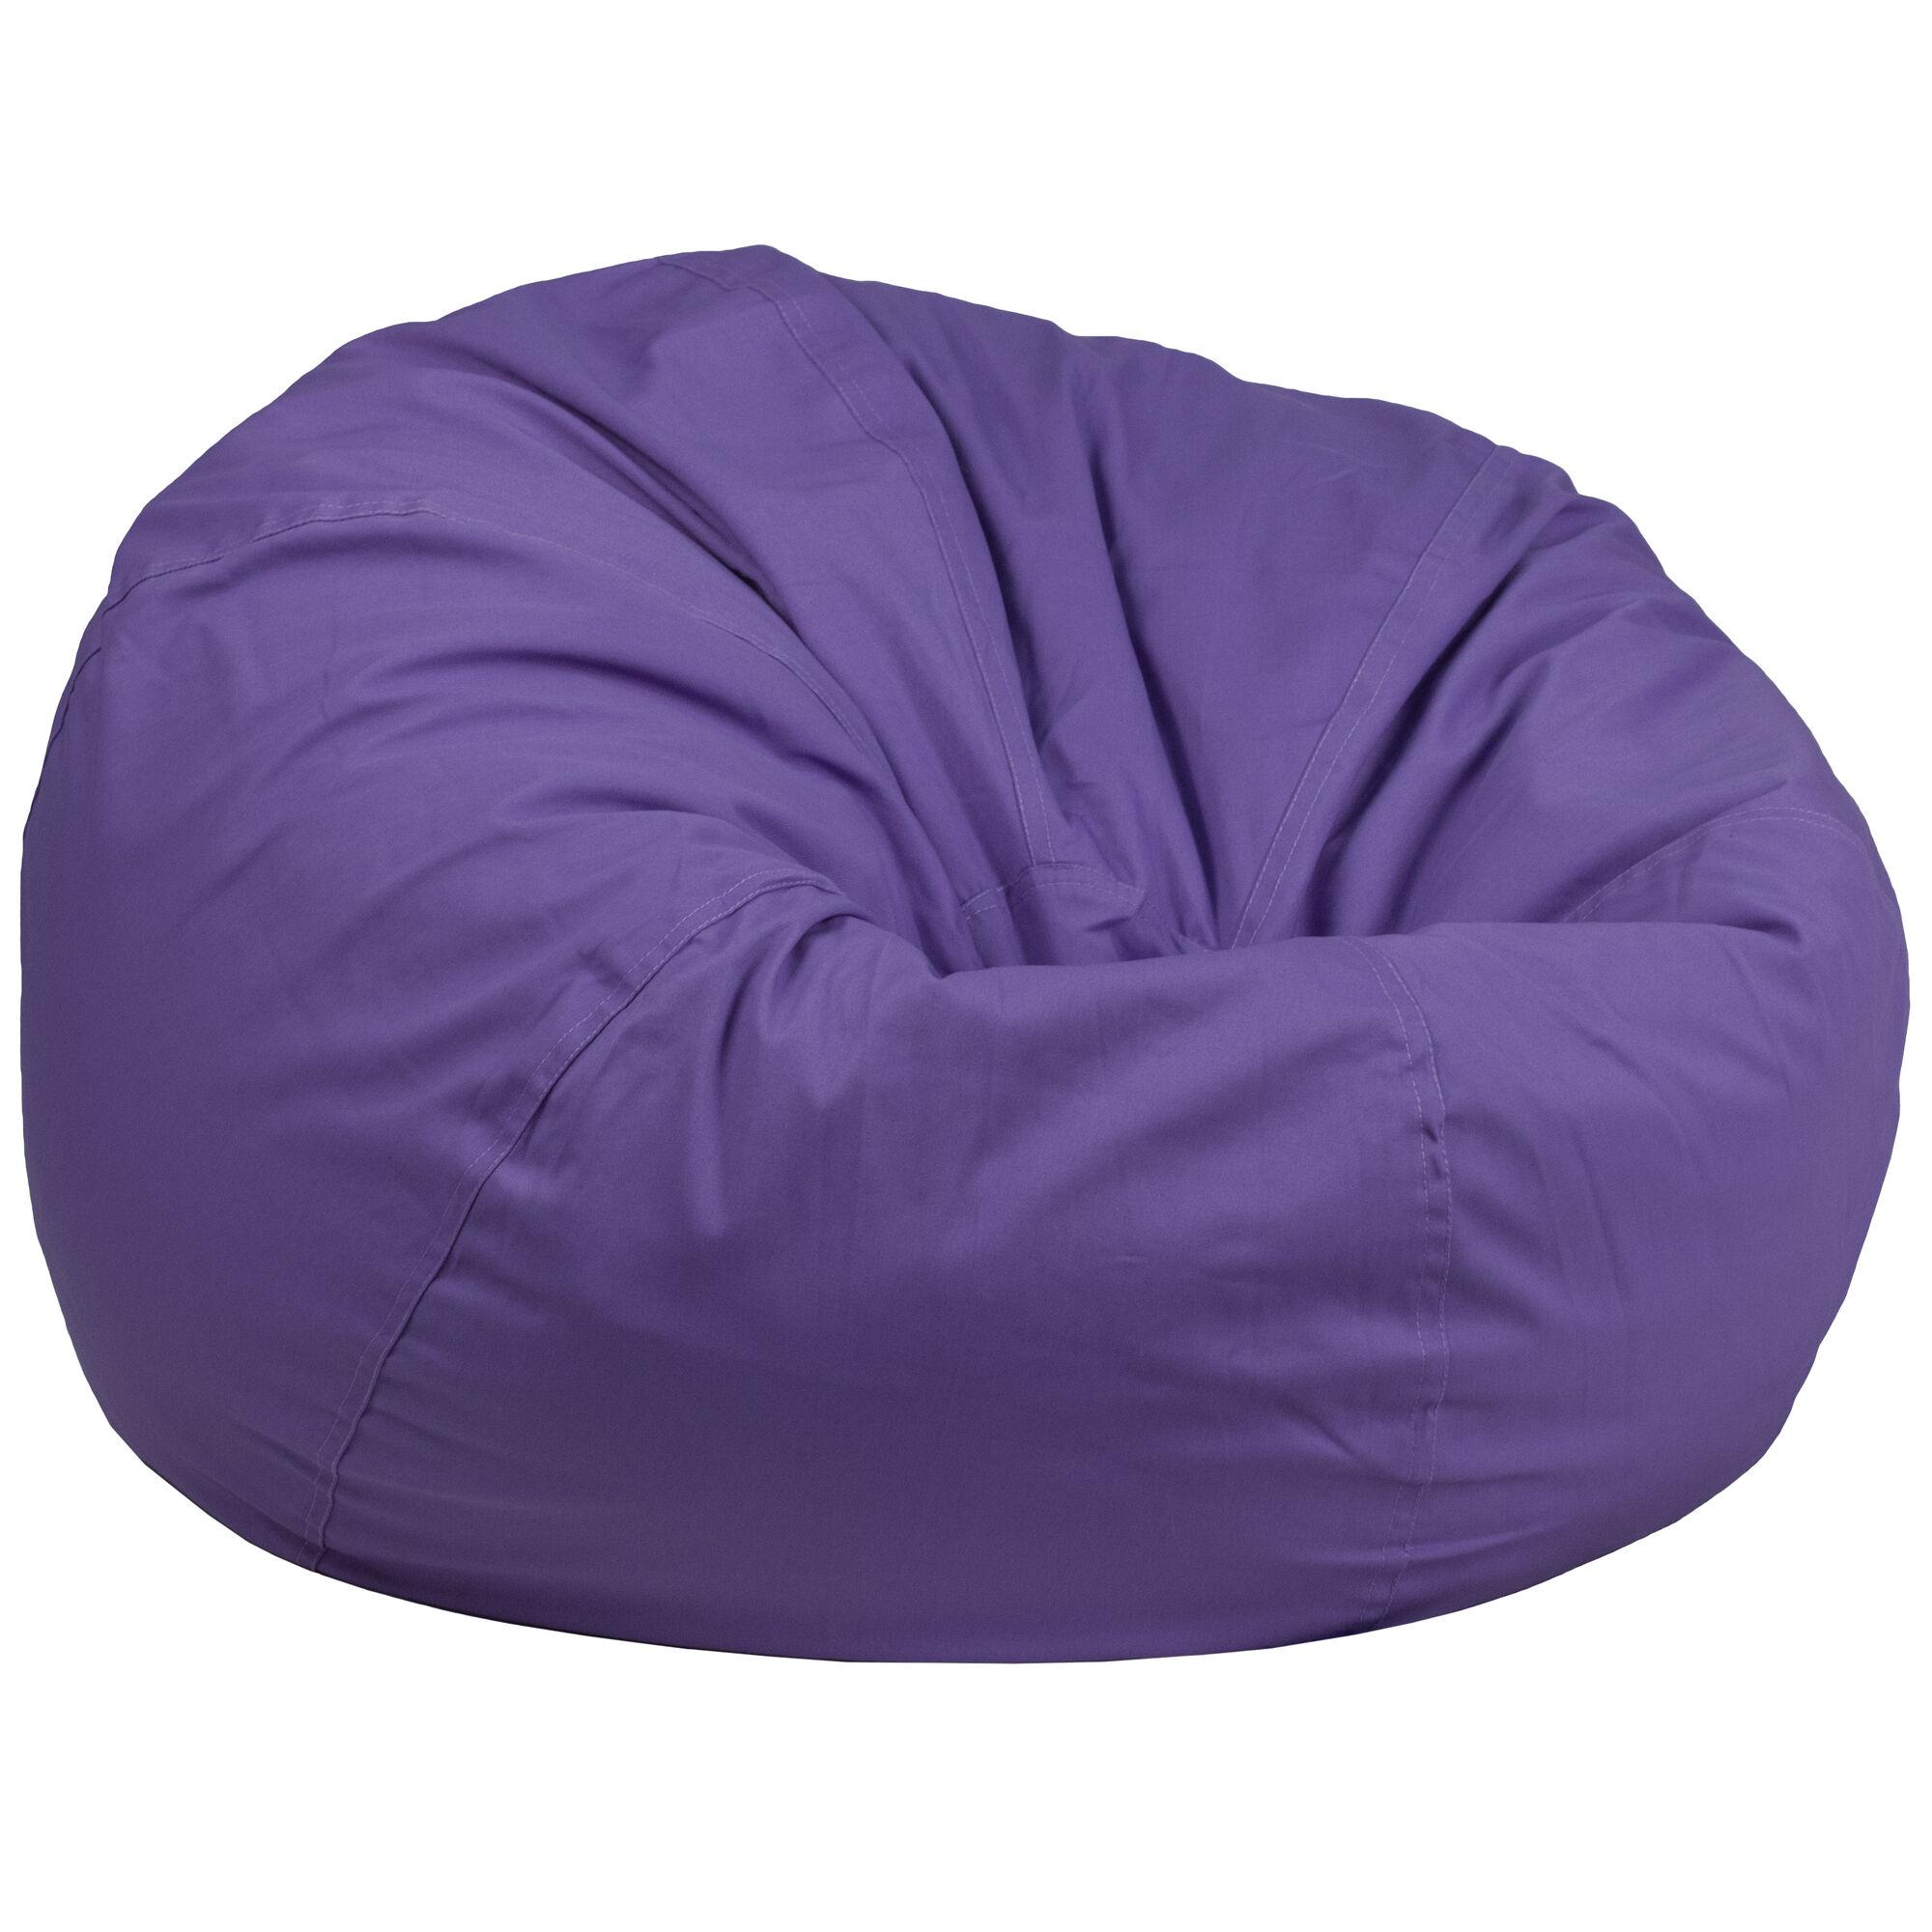 Purple Bean Bag Chair DG-BEAN-LARGE-SOLID-PUR-GG ...